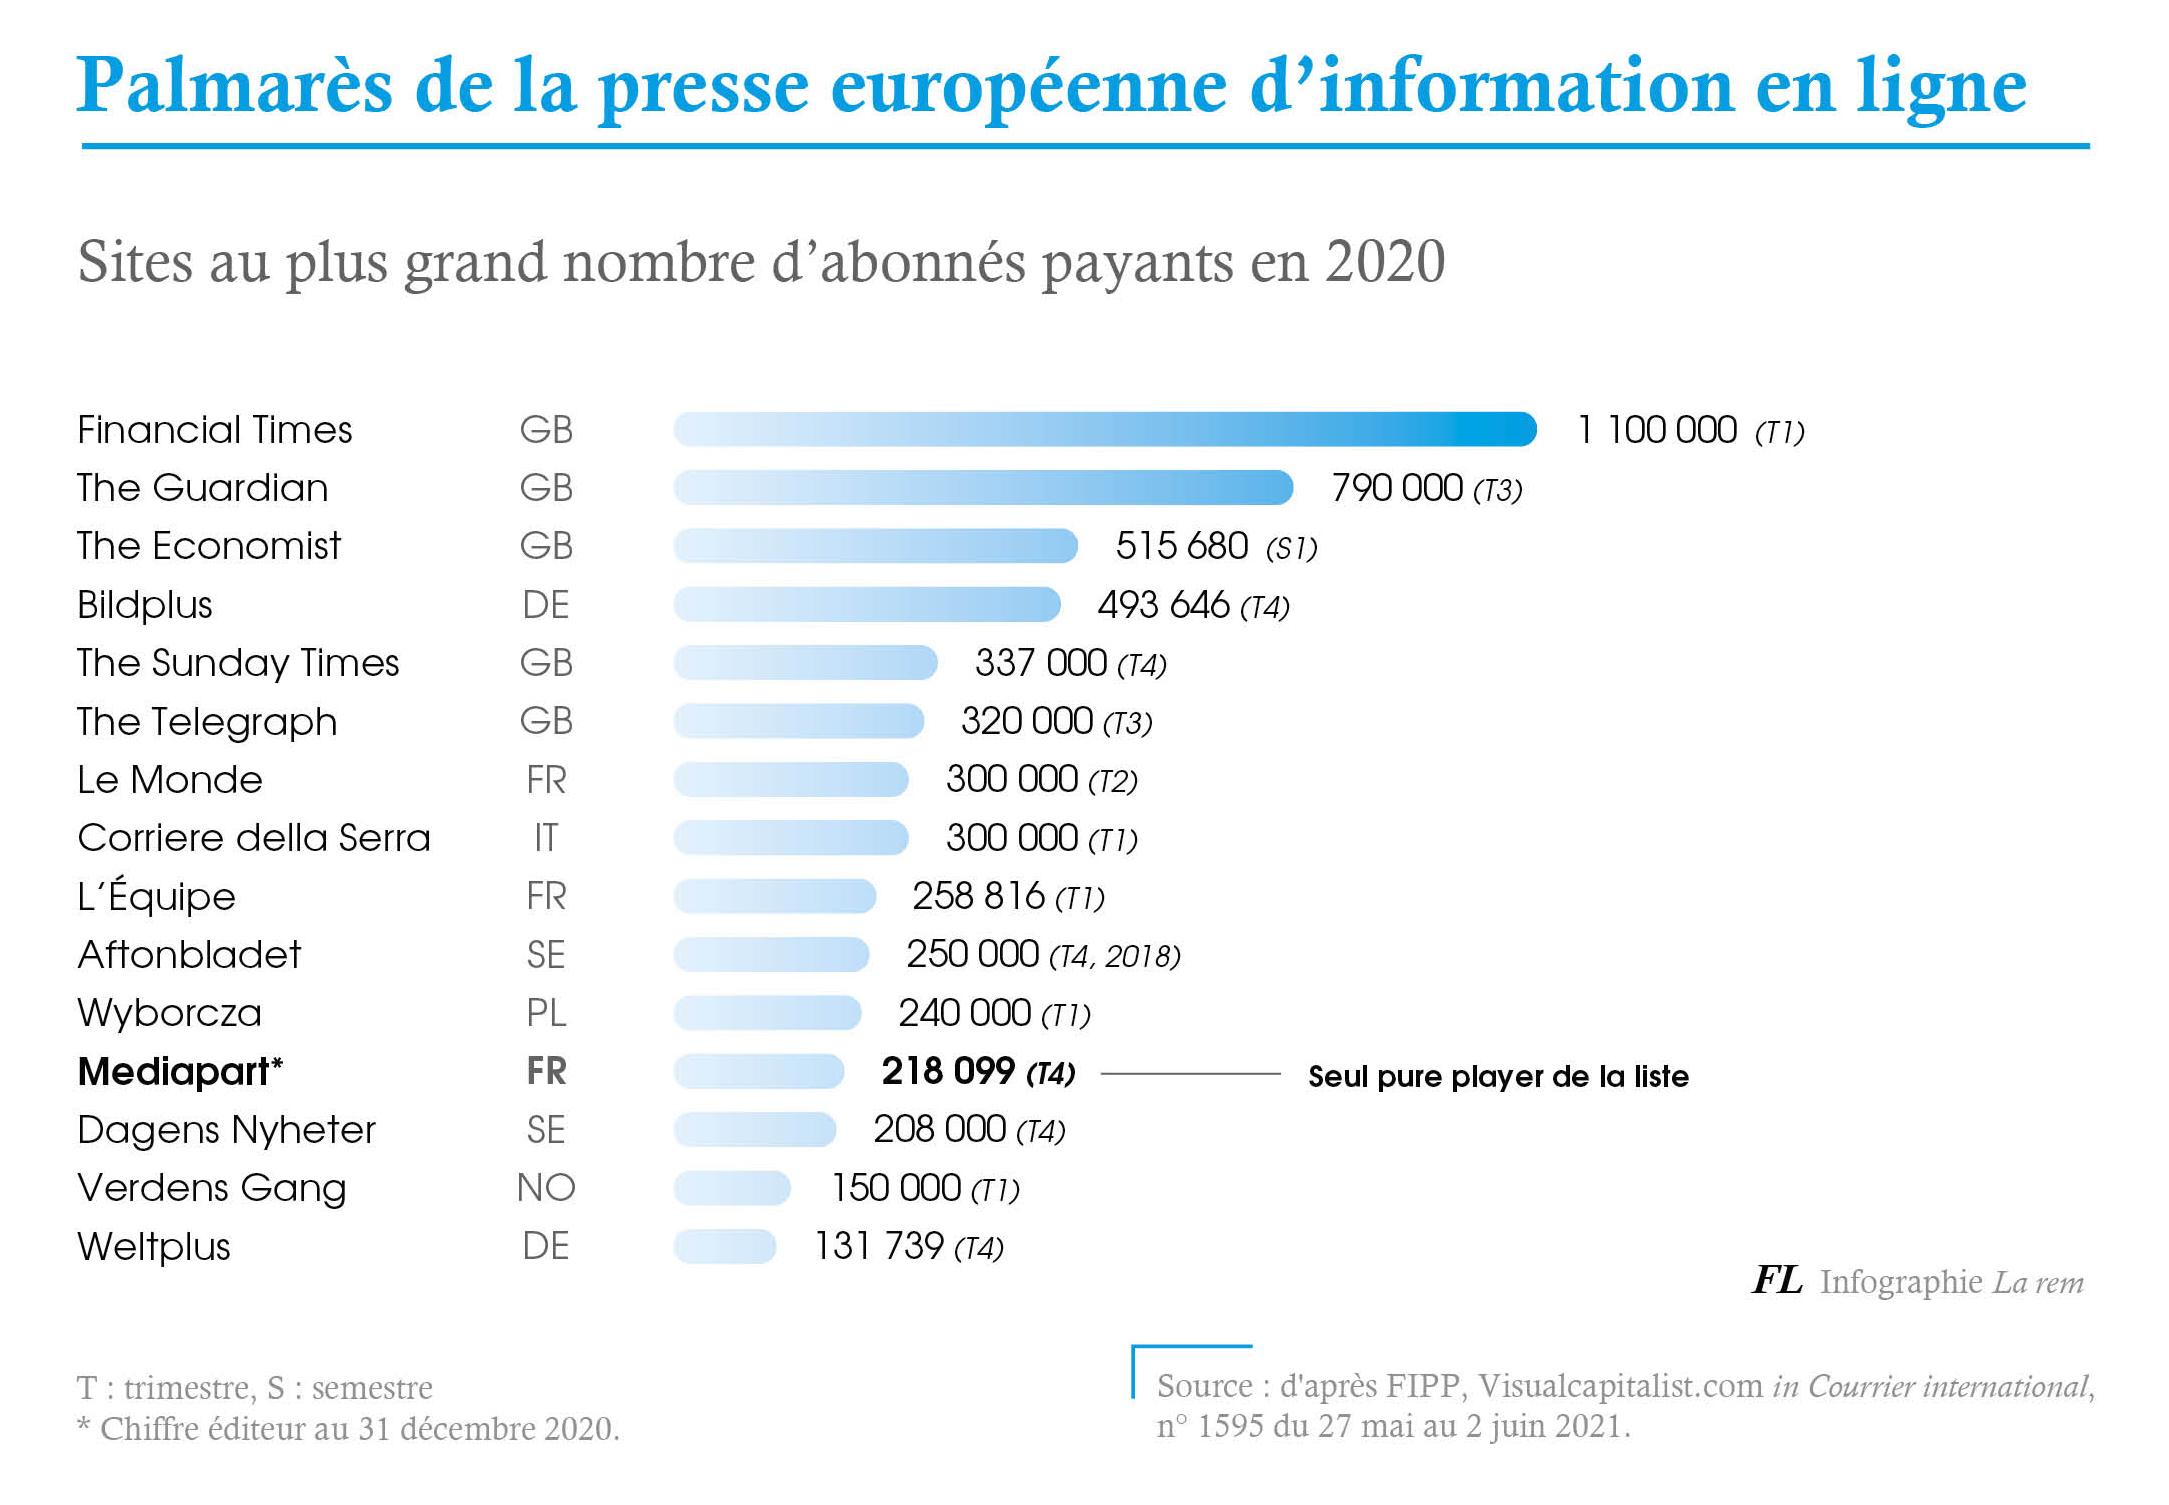 Palmarès de la presse européenne d'information en ligne